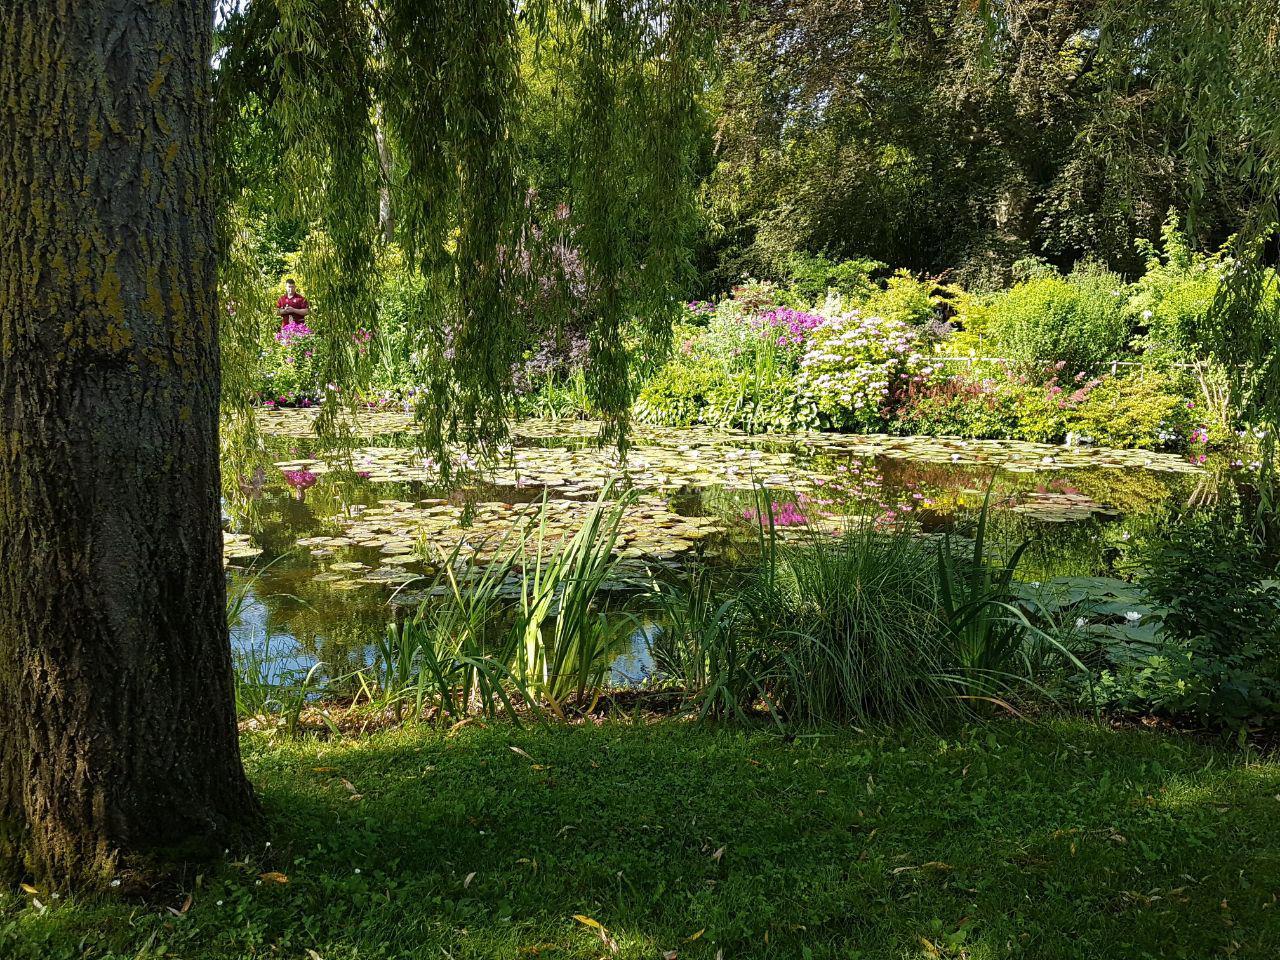 חבצלות המים בגן היפני של קלוד מונה בז'יוורני (צילום: אחיה ראב